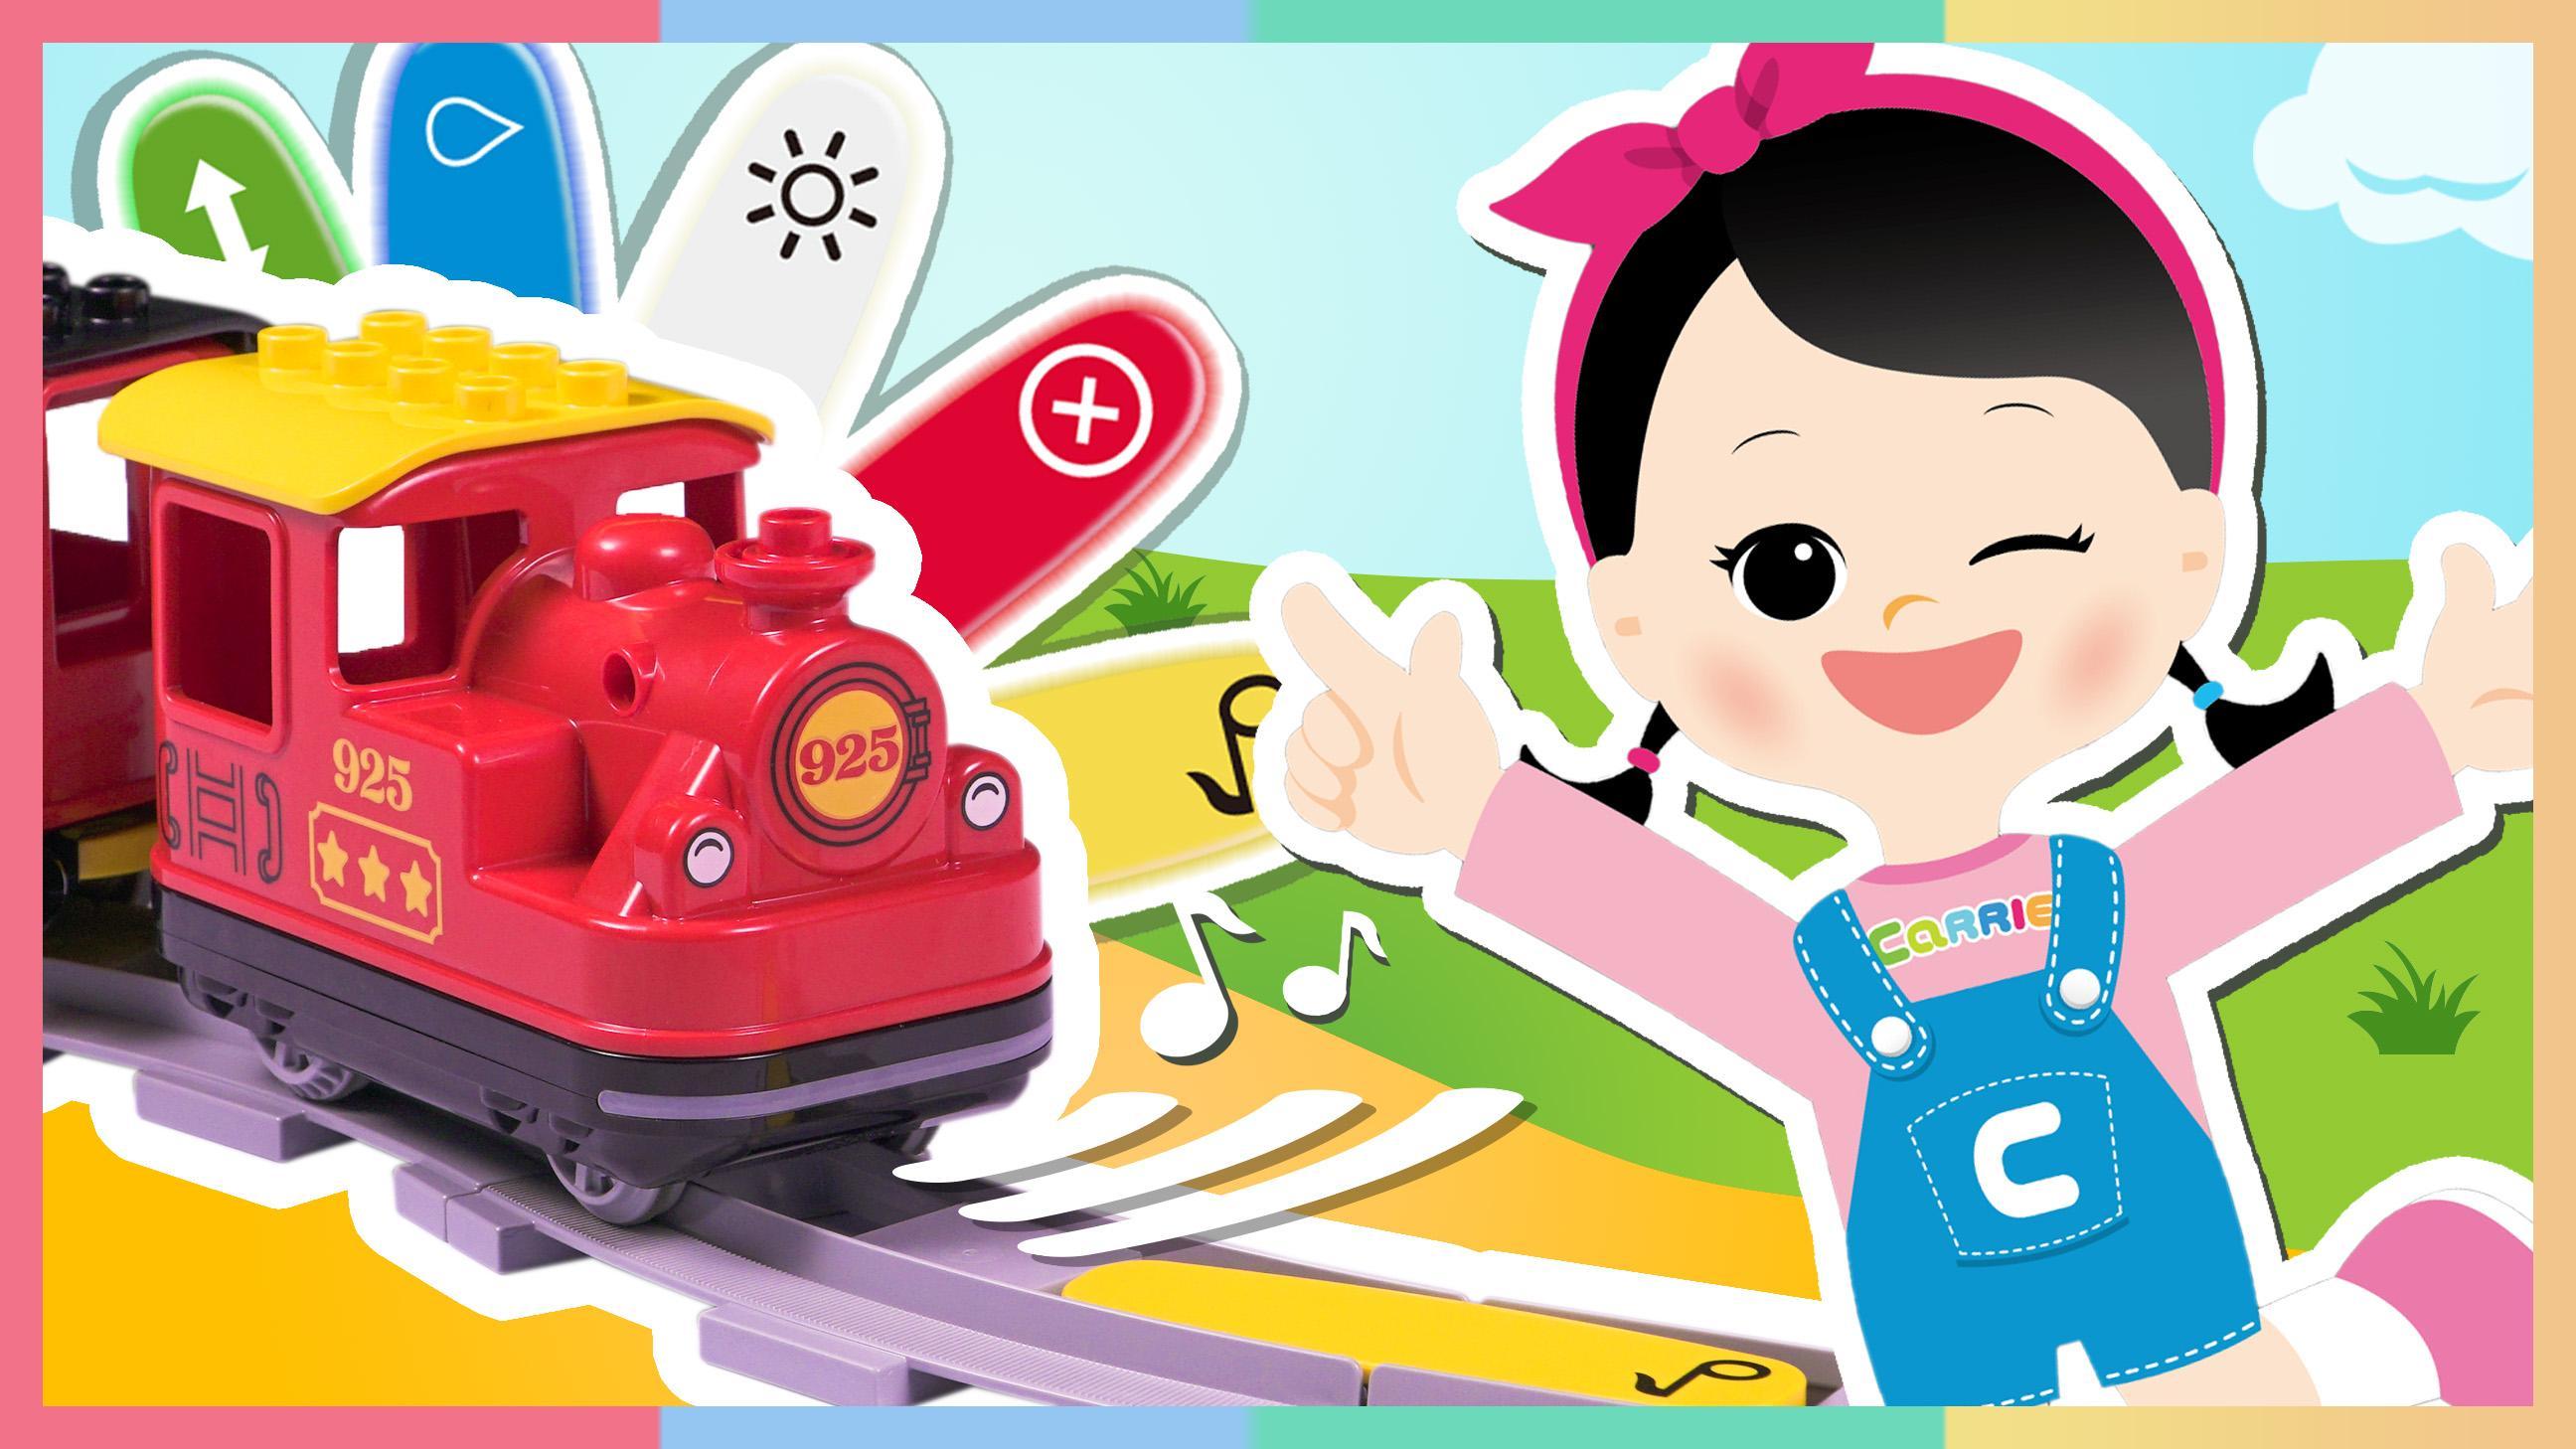 让你意想不到的乐高得宝智能蒸汽火车 | 凯利和玩具朋友们 CarrieAndToys